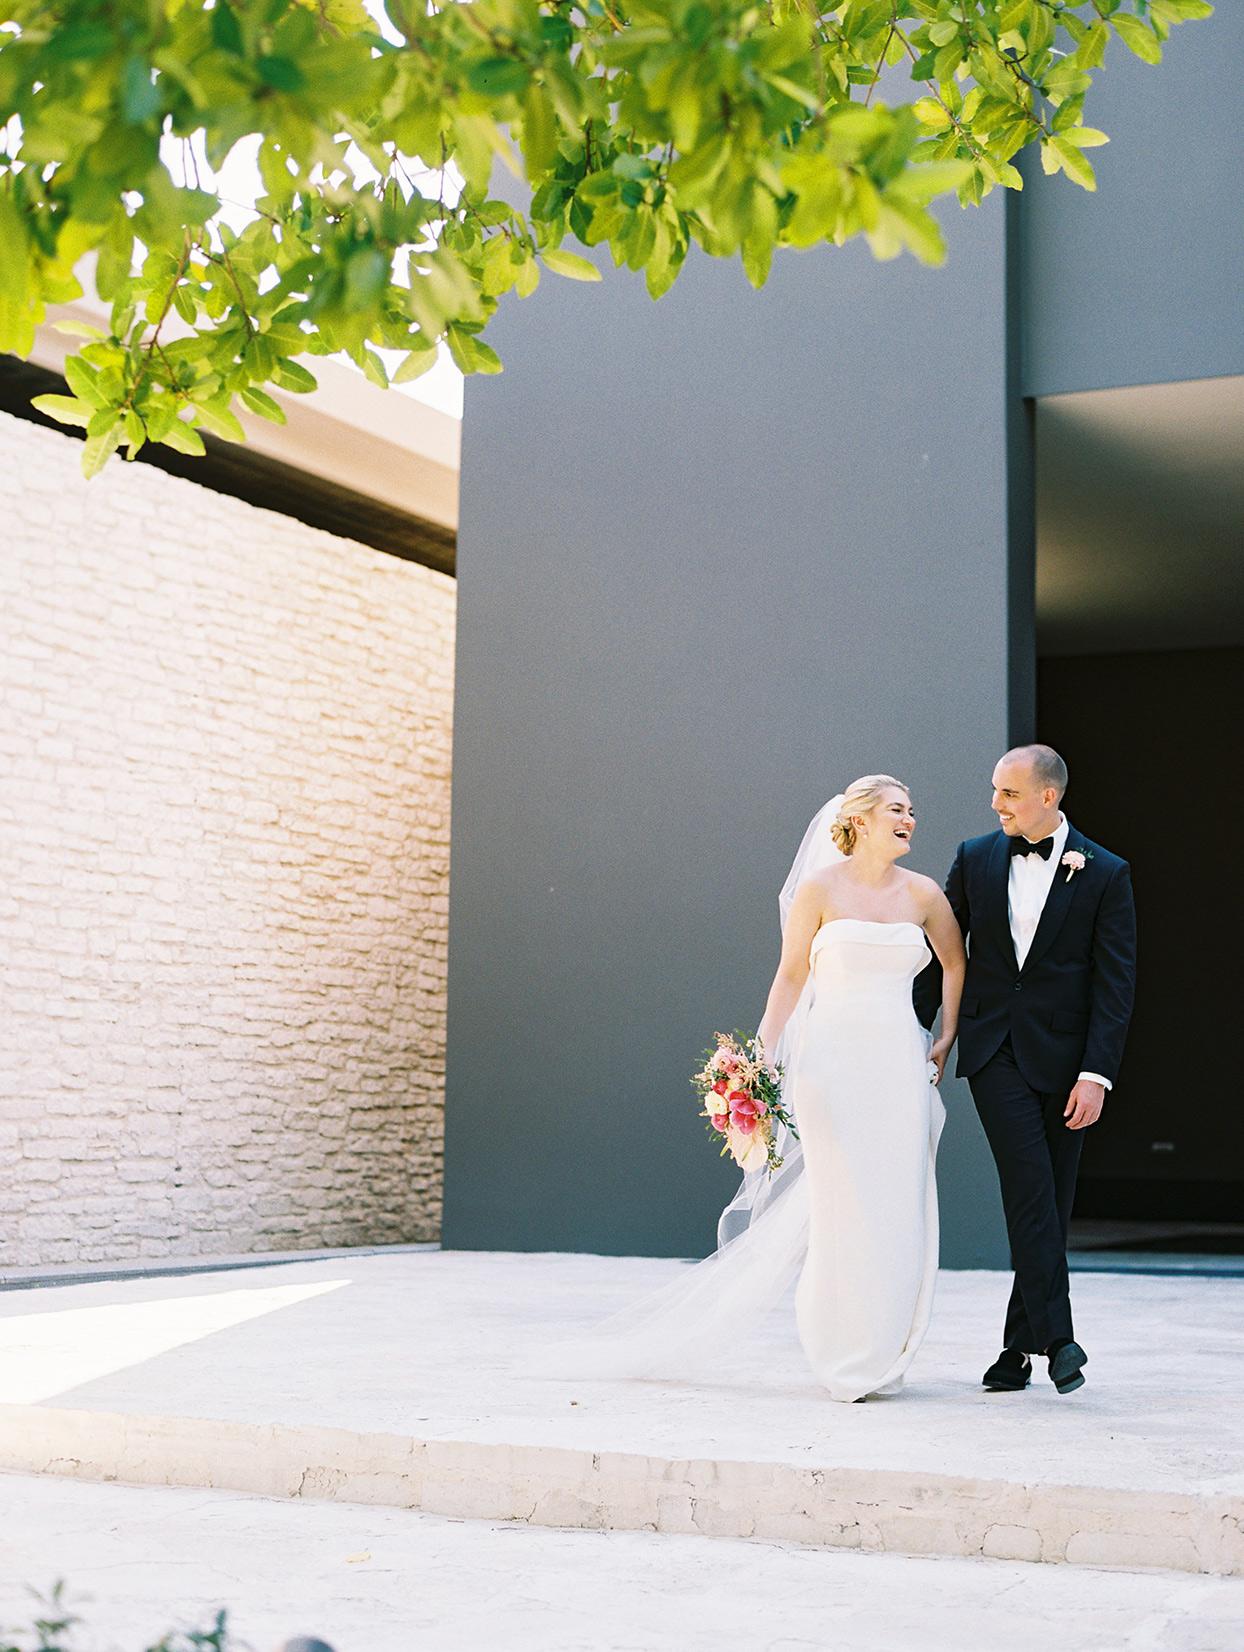 katie nick wedding couple in front of building